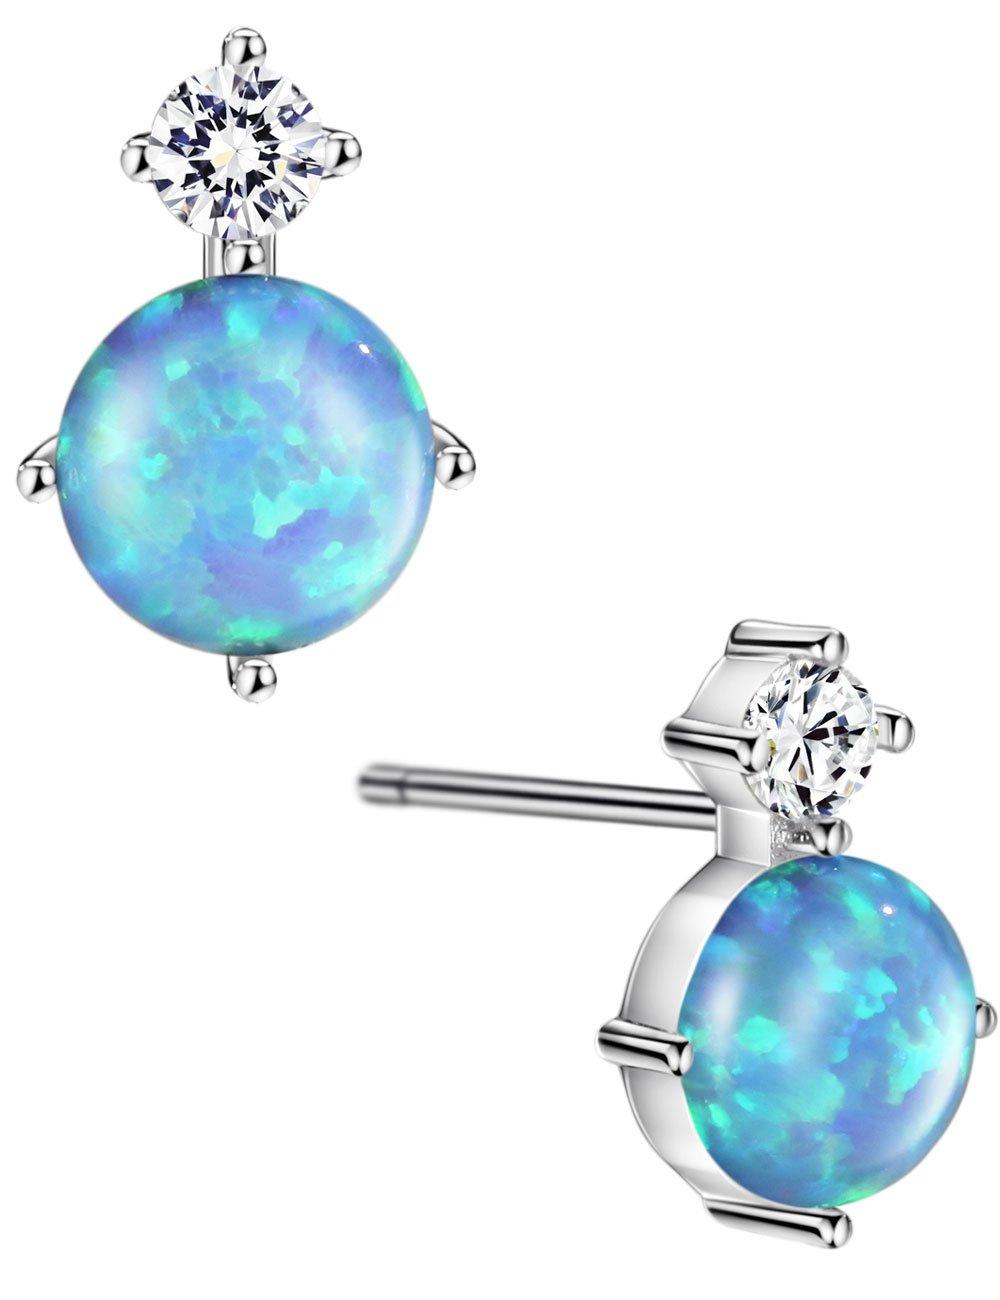 Mints Opal Stud Earrings Cubic Zirconia Sterling Silver Fine Jewelry For Women